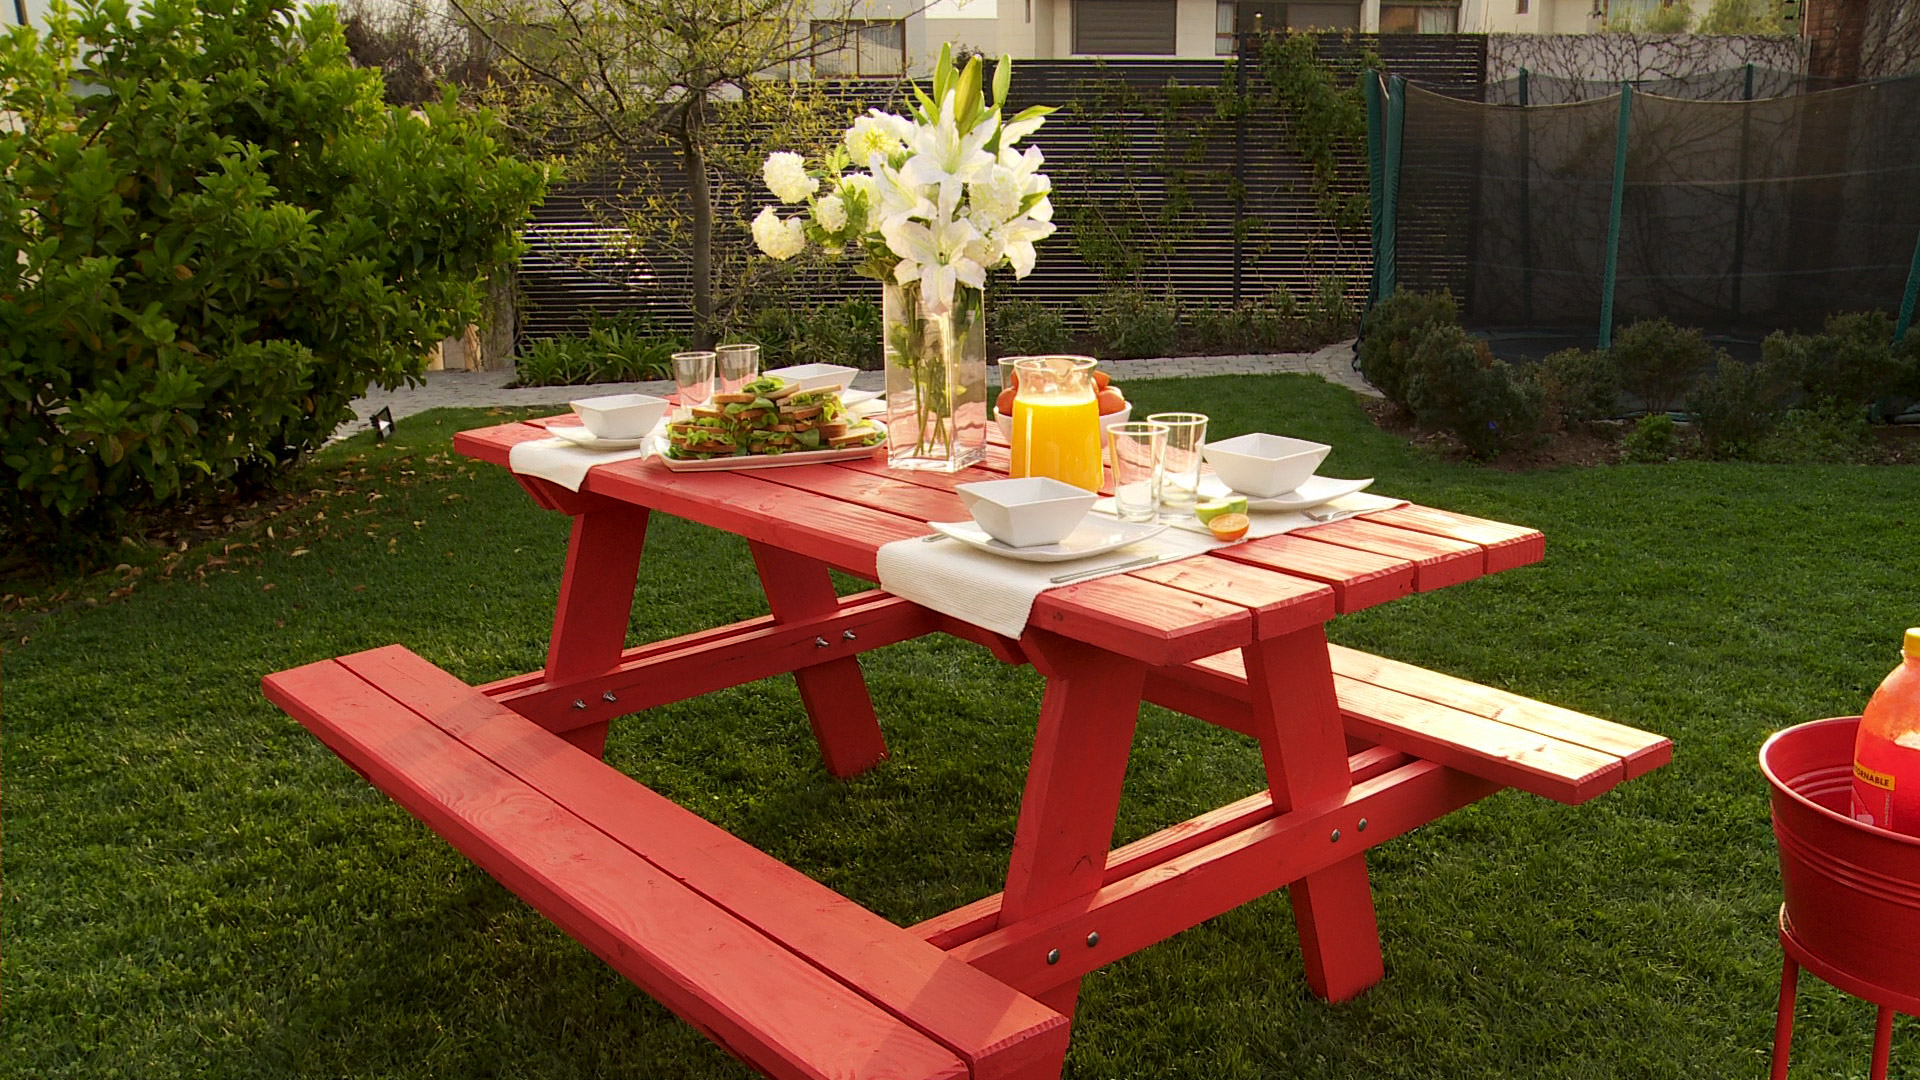 Cuando llega la primavera y la temperatura sube es momento de disfrutar del aire libre , y qué mejor que hacerlo con un picnic, por eso construiremos una mesa para el exterior. La particularidad de este proyecto es que será una mesa muy resistente, construida sólo en madera y de una sola pieza.